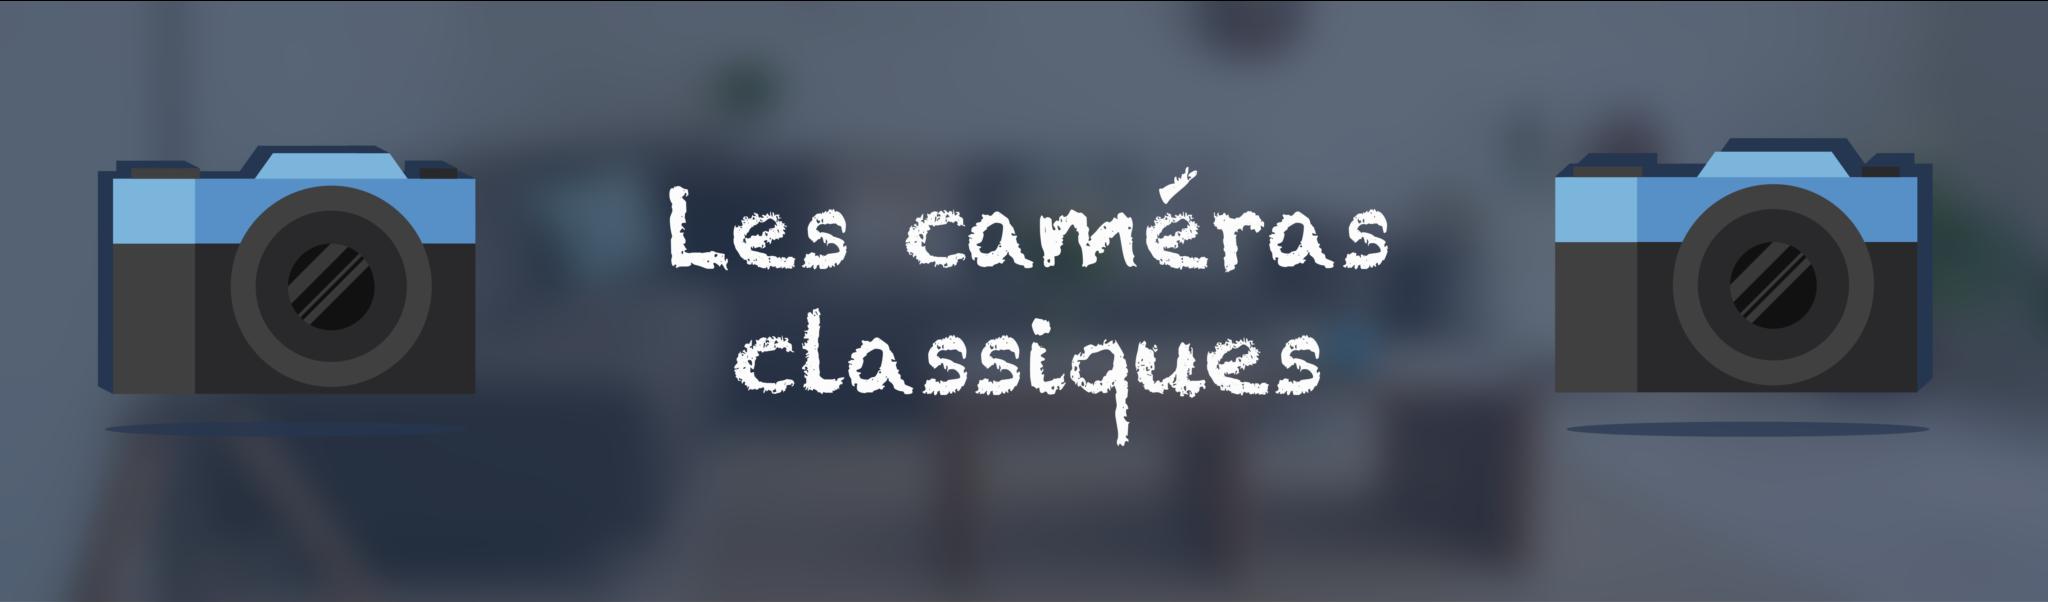 Caméras 360 classiques pour l'immobilier - Meilleure Visite